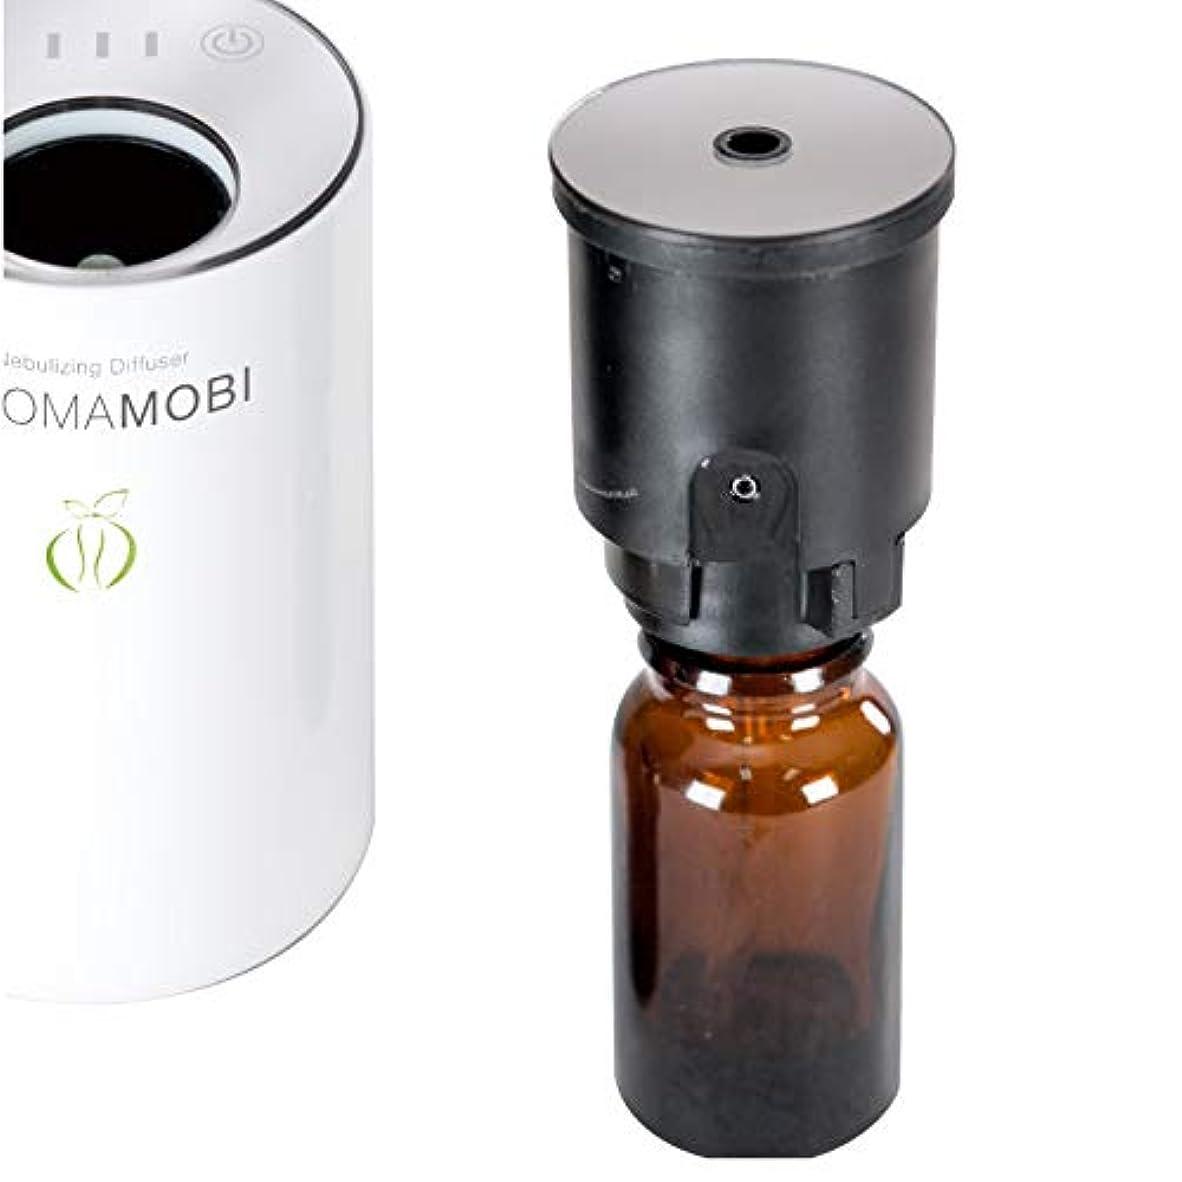 口径医薬命令funks アロマモビ 専用 交換用 ノズル ボトルセット aromamobi アロマディフューザー